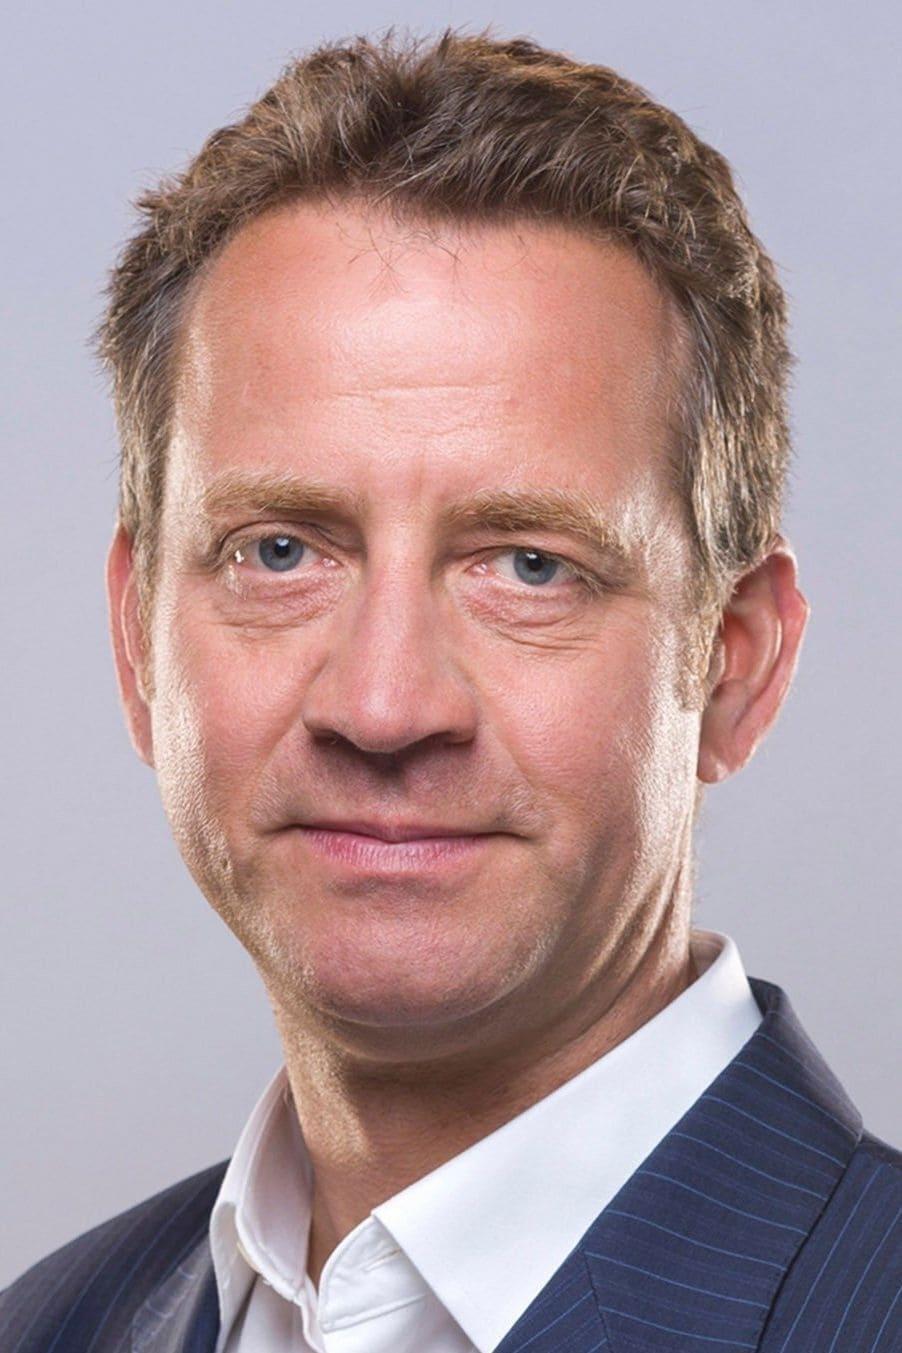 Mark Pougatch